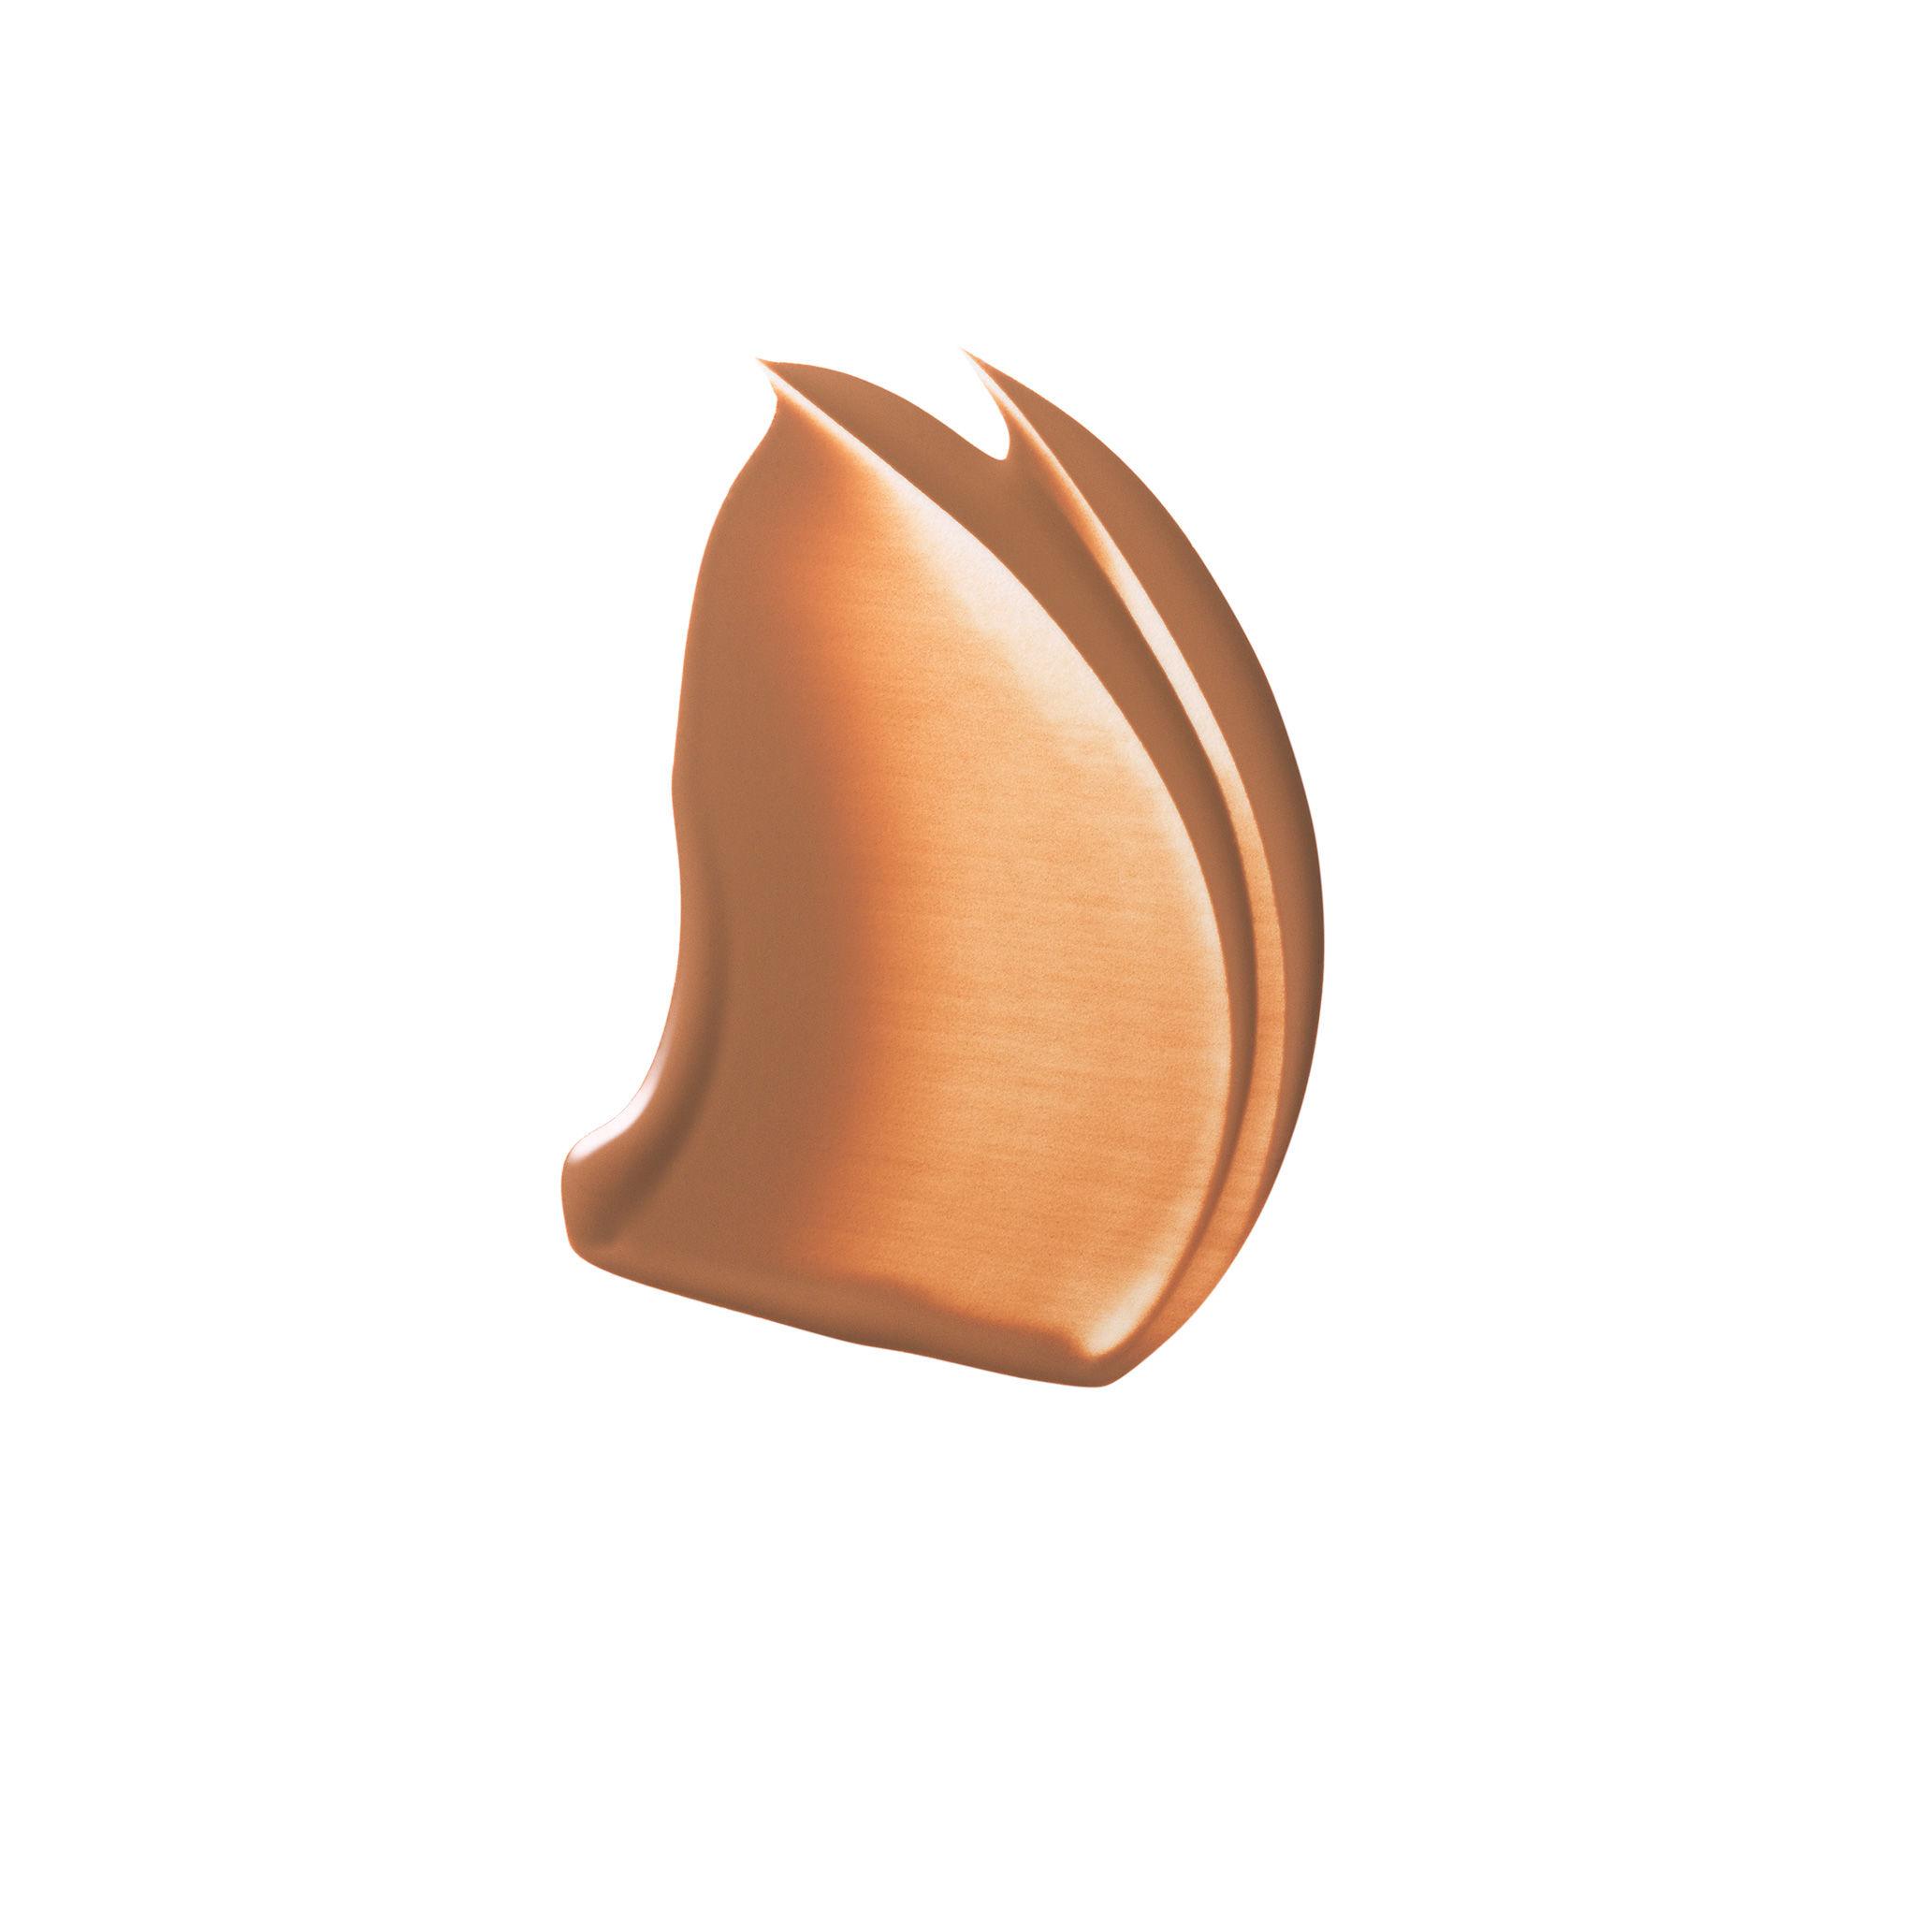 Este Lauder Foundation Buy Estee Double Wear Nude Water Clinique Super Powder Face Makeup Matte Ivory 01 Fresh Spf 30 Rich Caramel